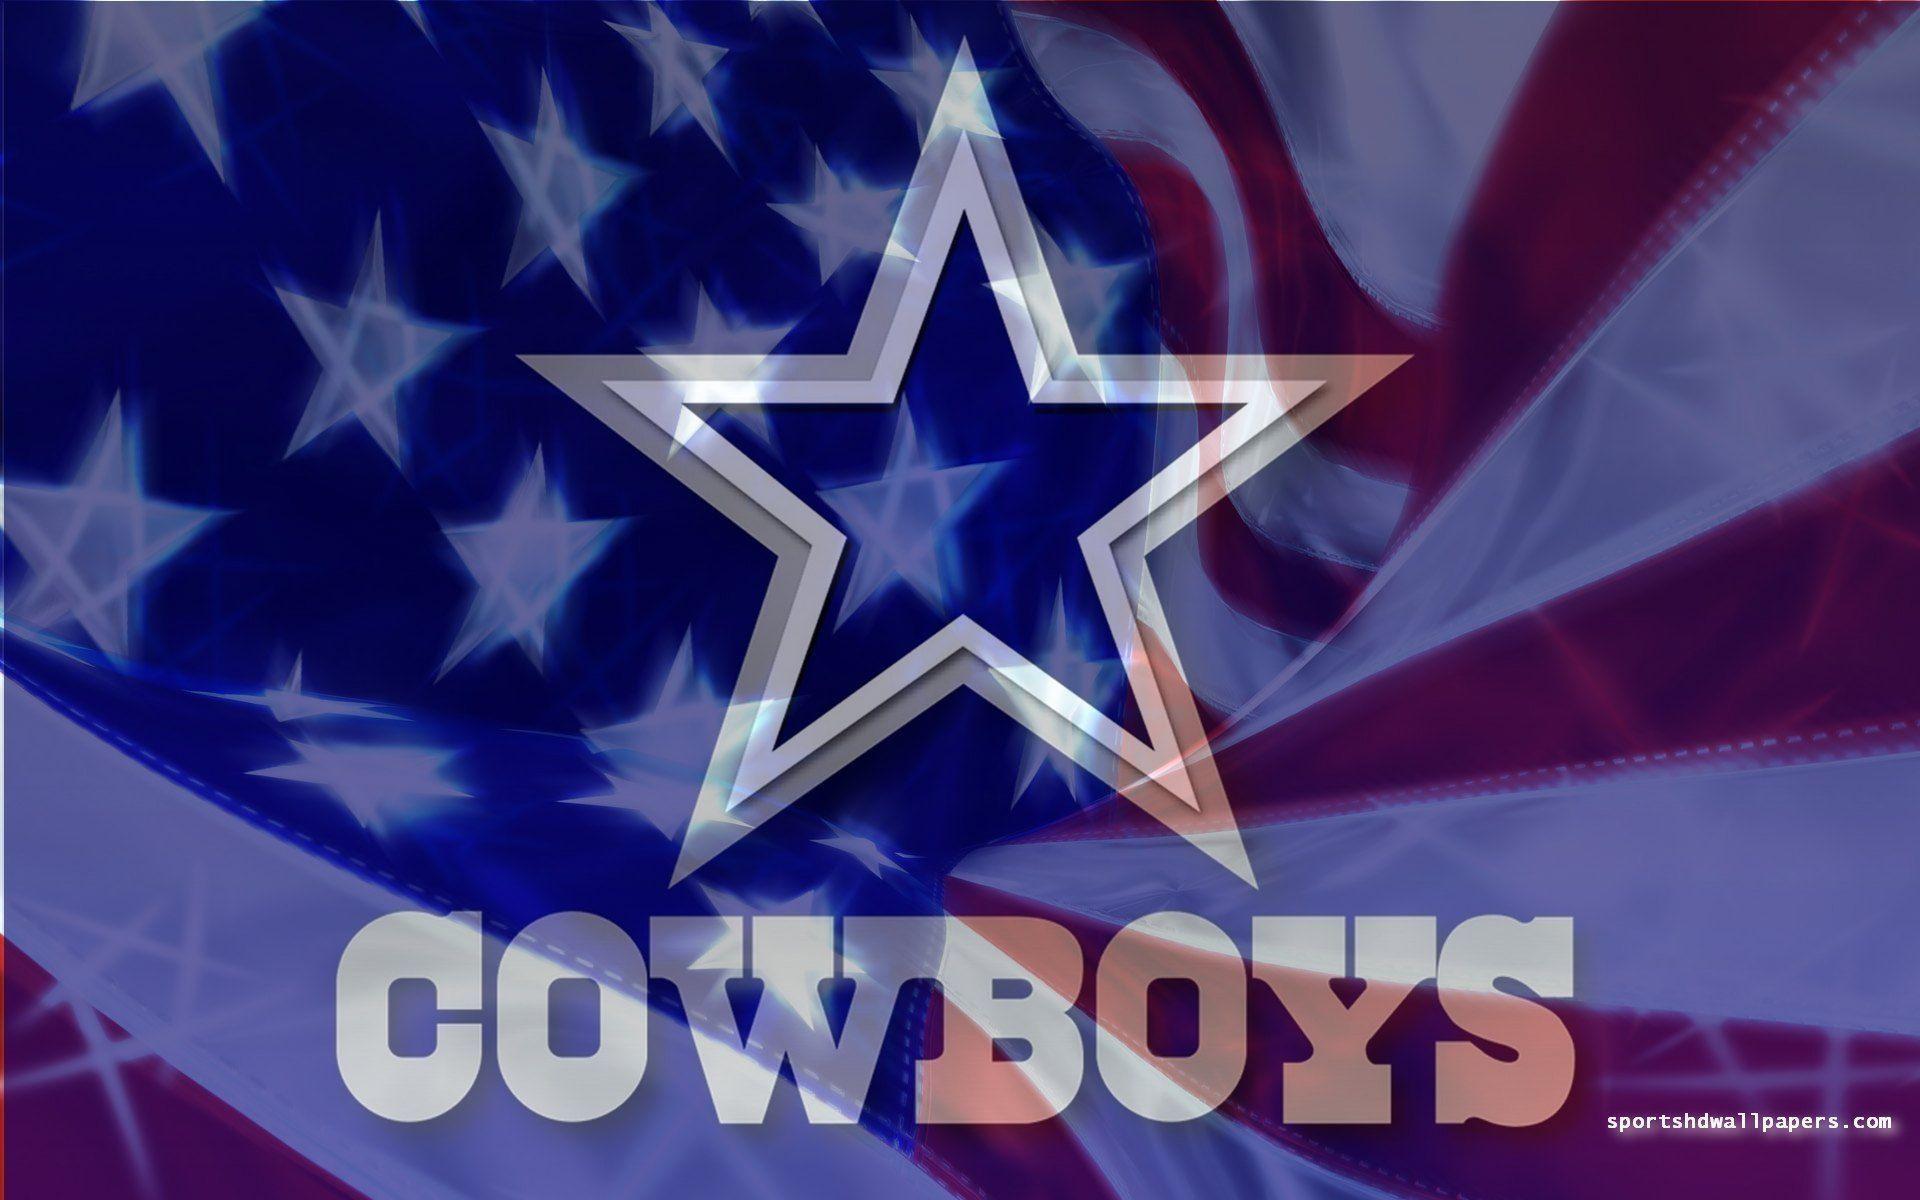 Dallas Cowboy Wallpaper